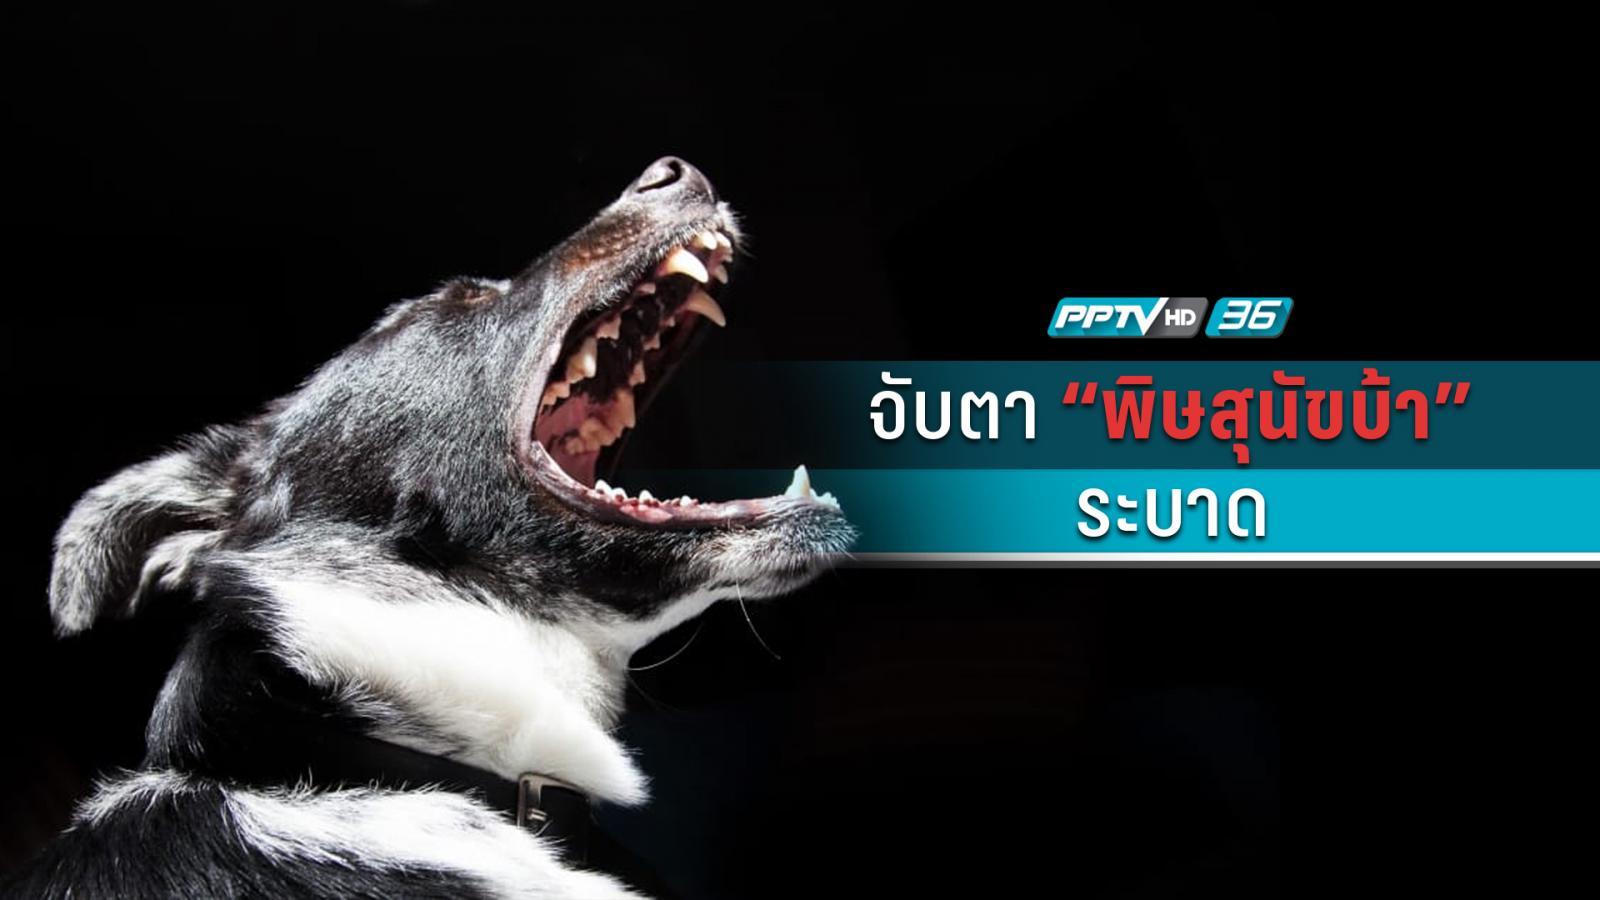 ระวัง! หมาแมวเป็นบ้าเพิ่ม 1.5 เท่า ตายแล้ว 3 ราย